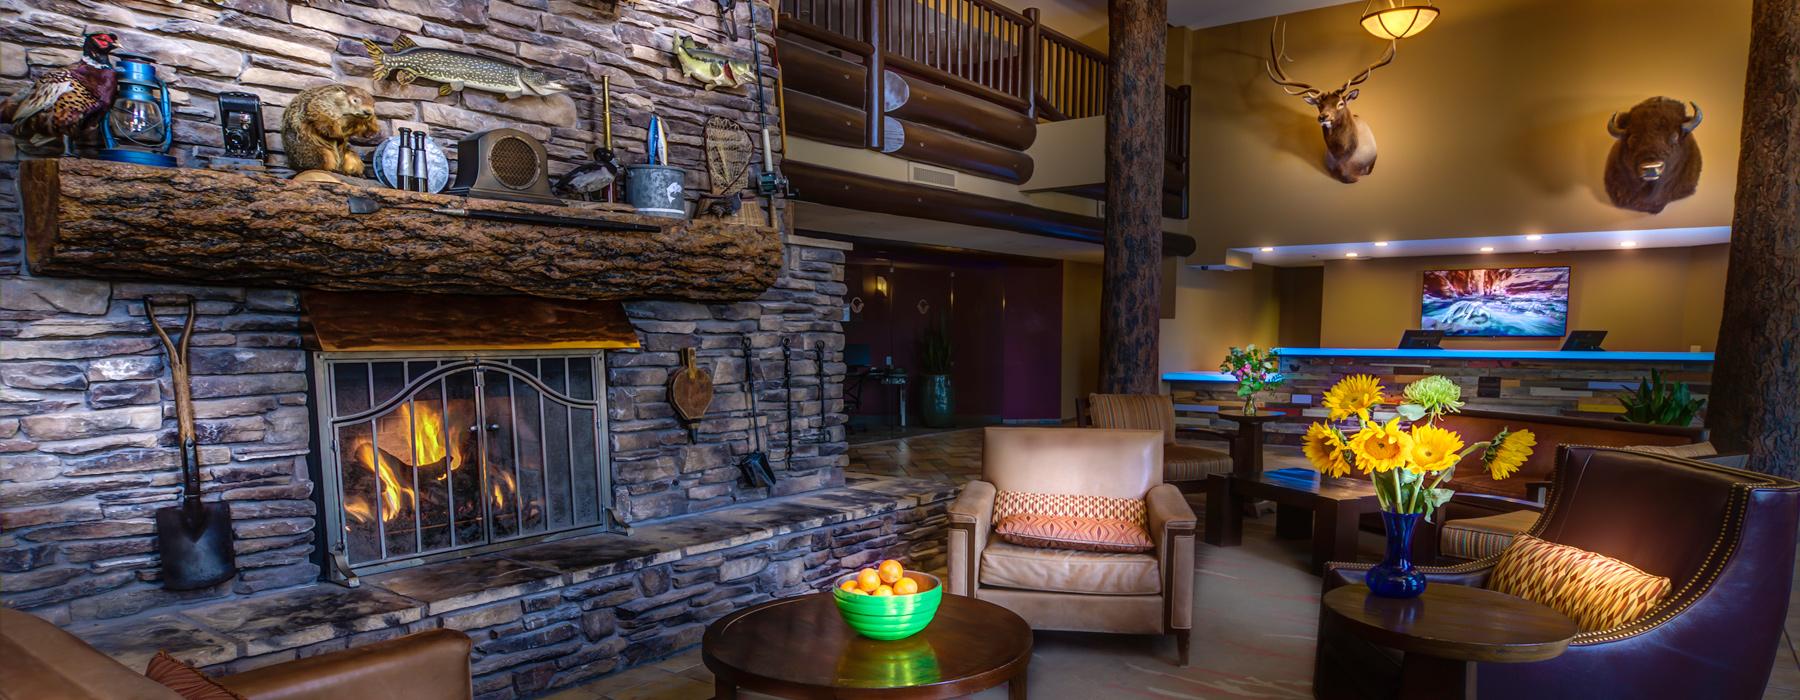 The Grand Hotel At The Grand Canyon Tusayan Az